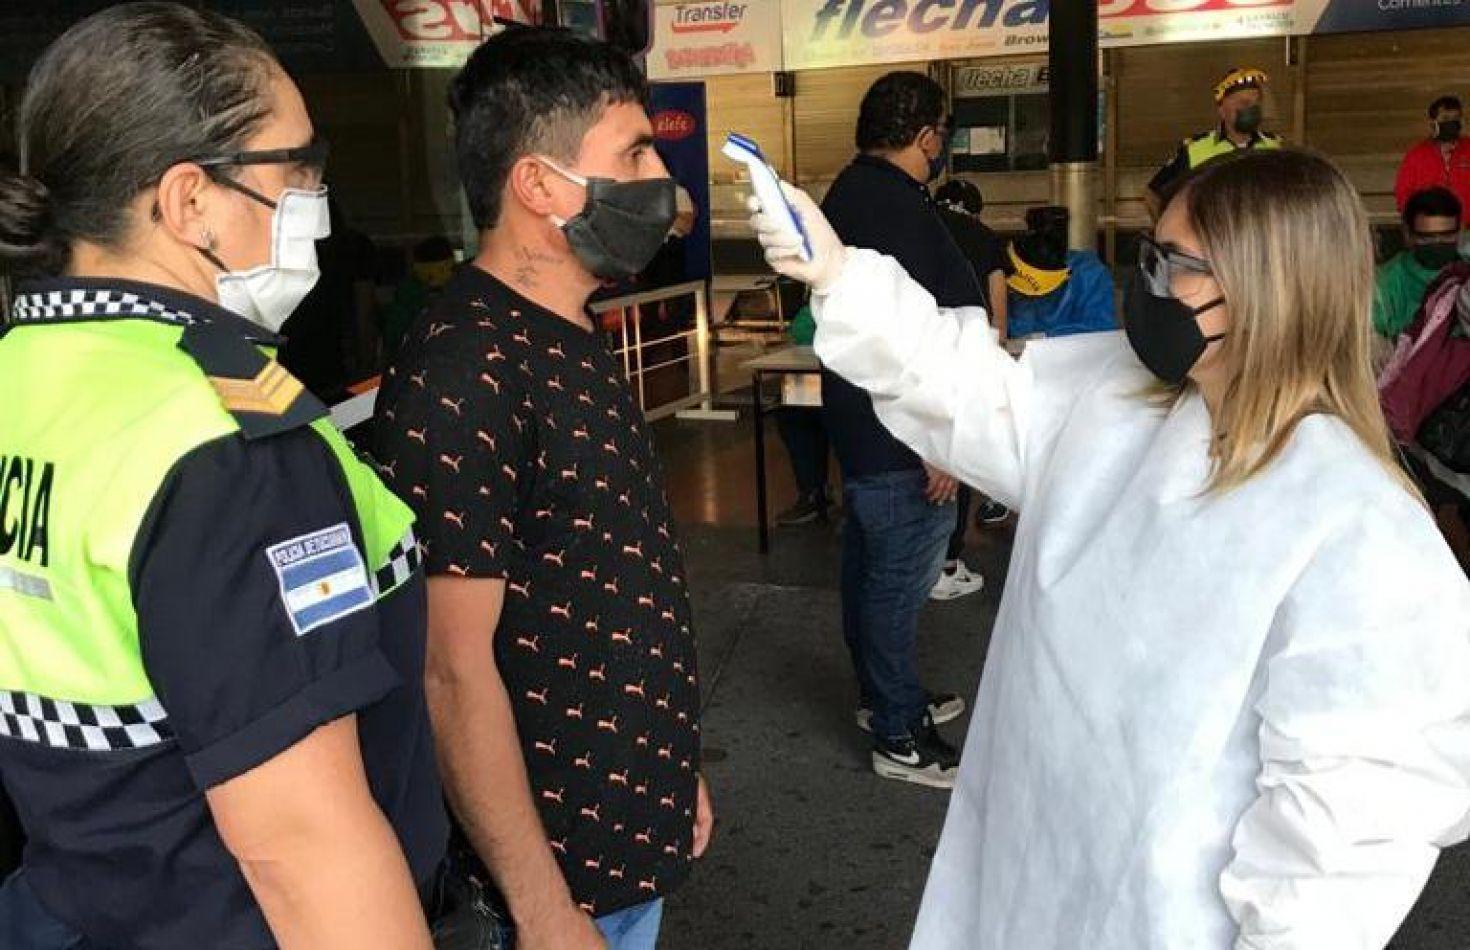 Quienes ingresen a Tucumán deben presentar la prueba de covid-19 con resultado negativo